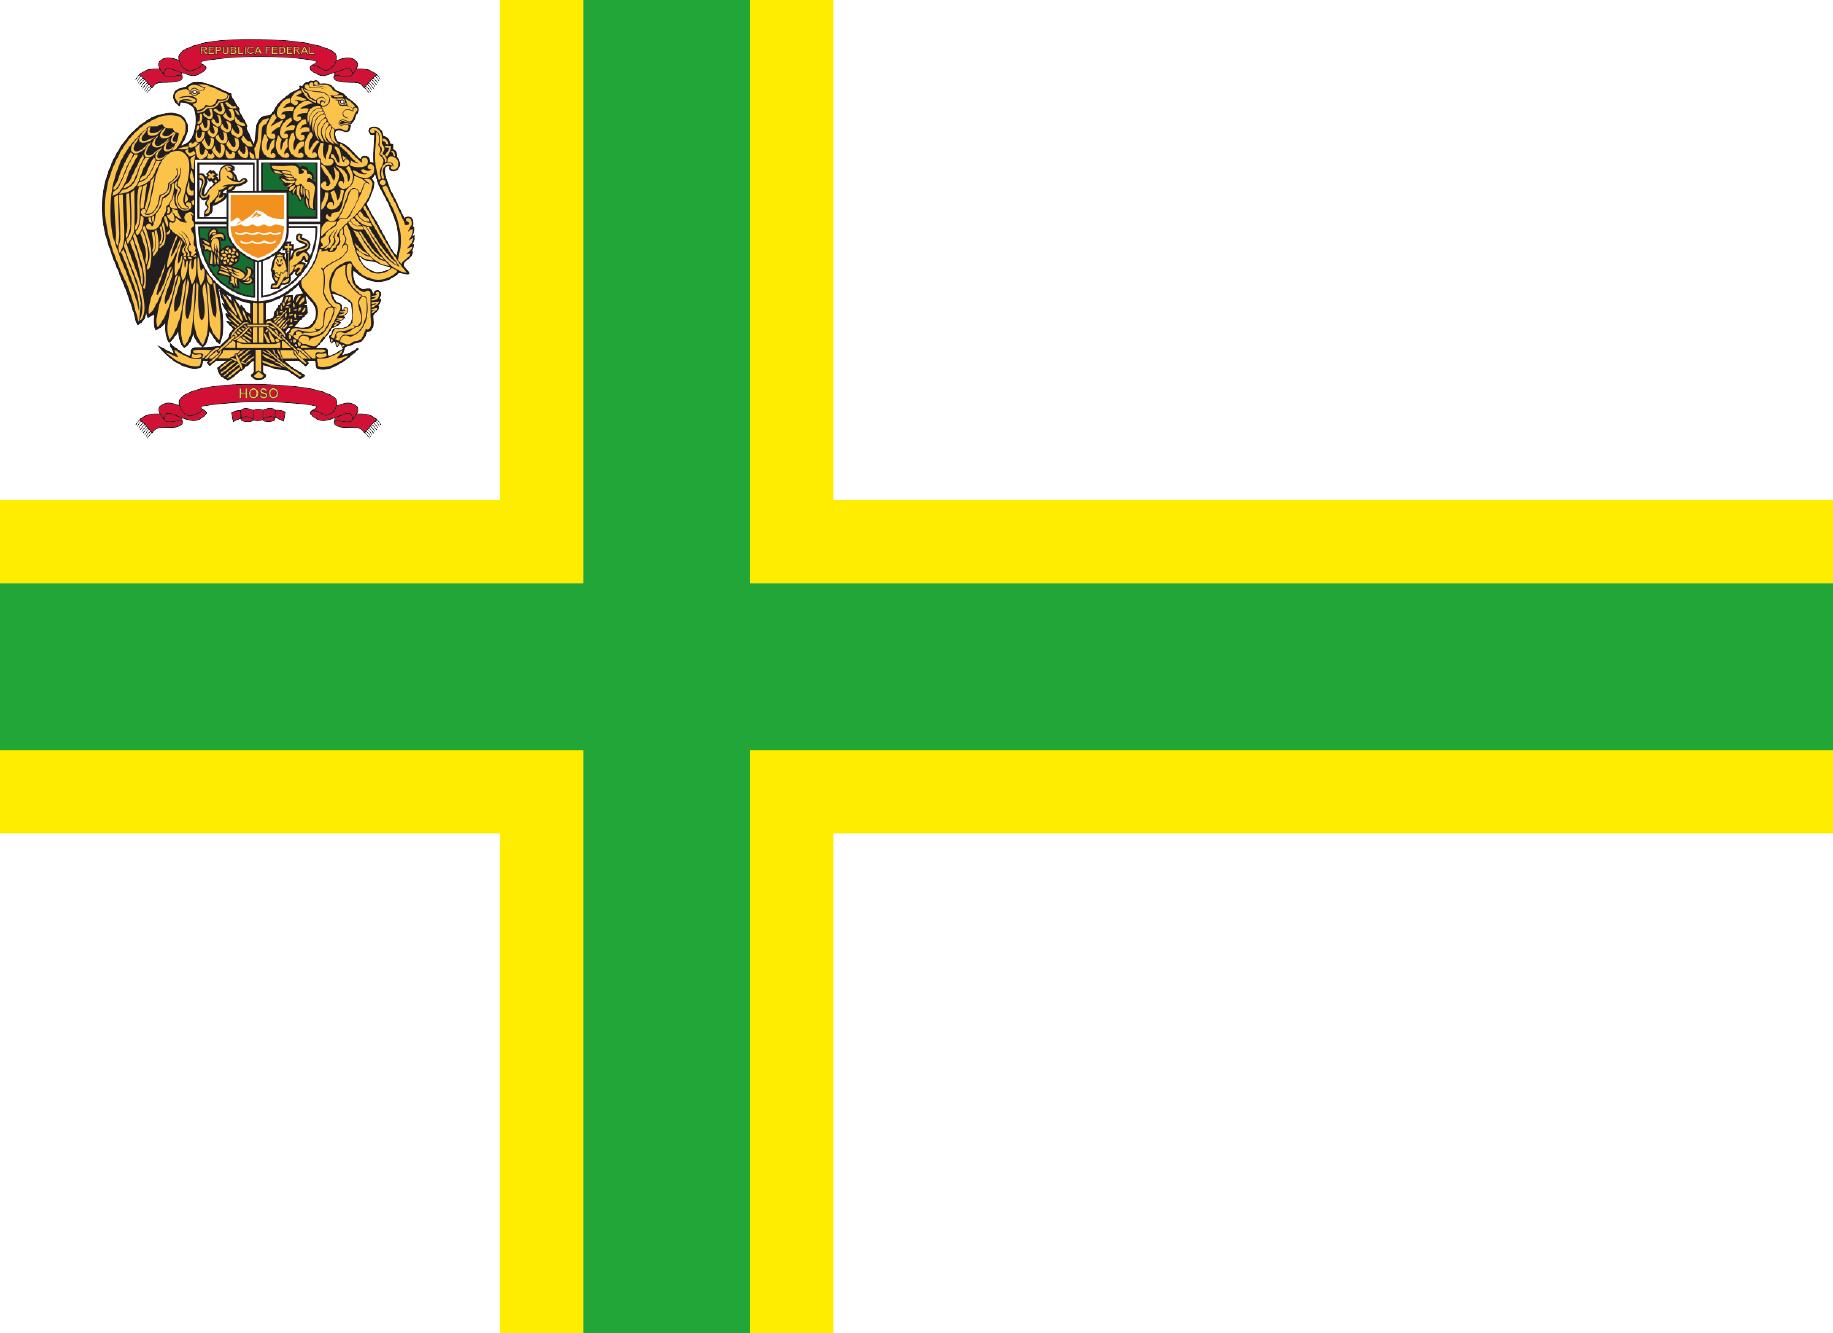 República Federal de Hoso | Wiki Micronacional | Fandom